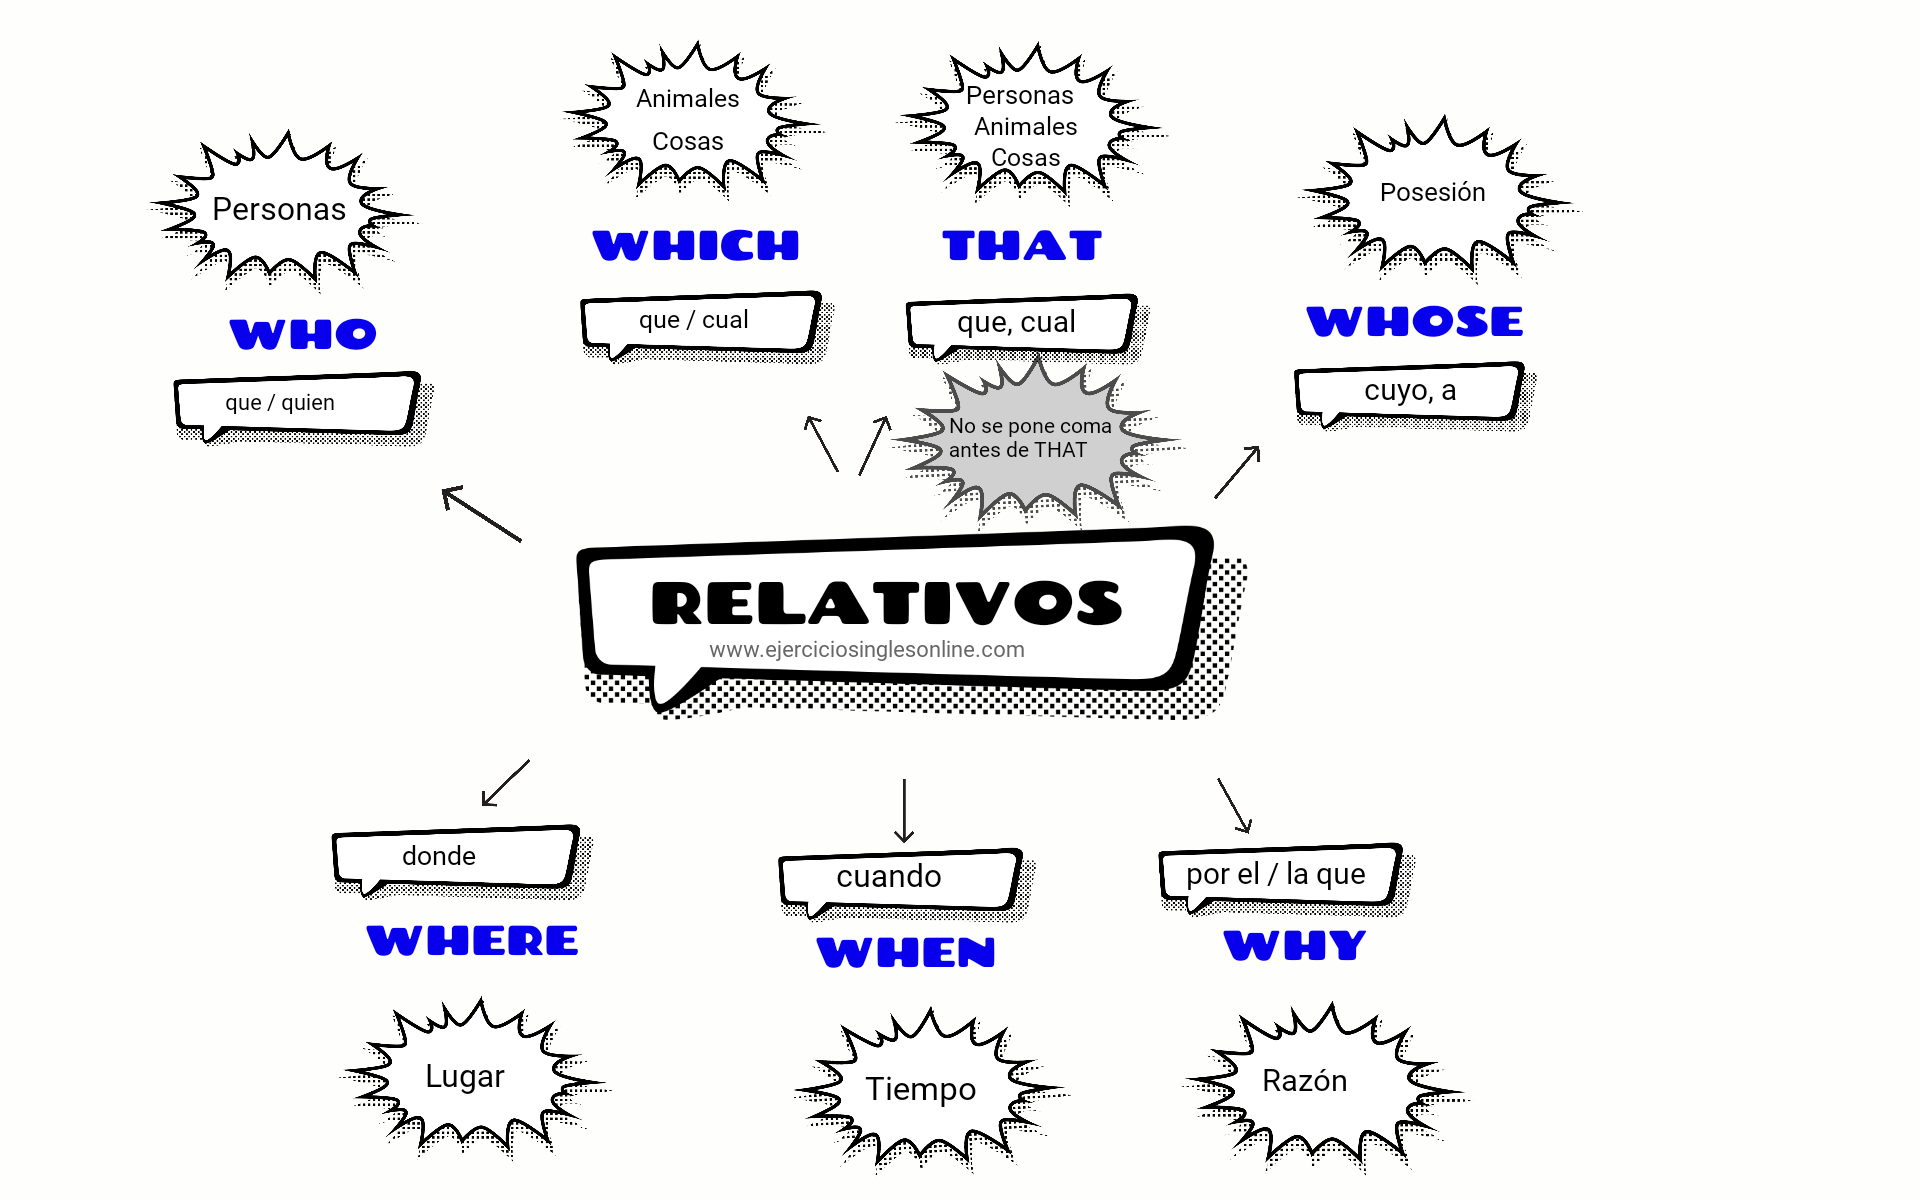 Relativos - Ejercicio 6 - Interactivo